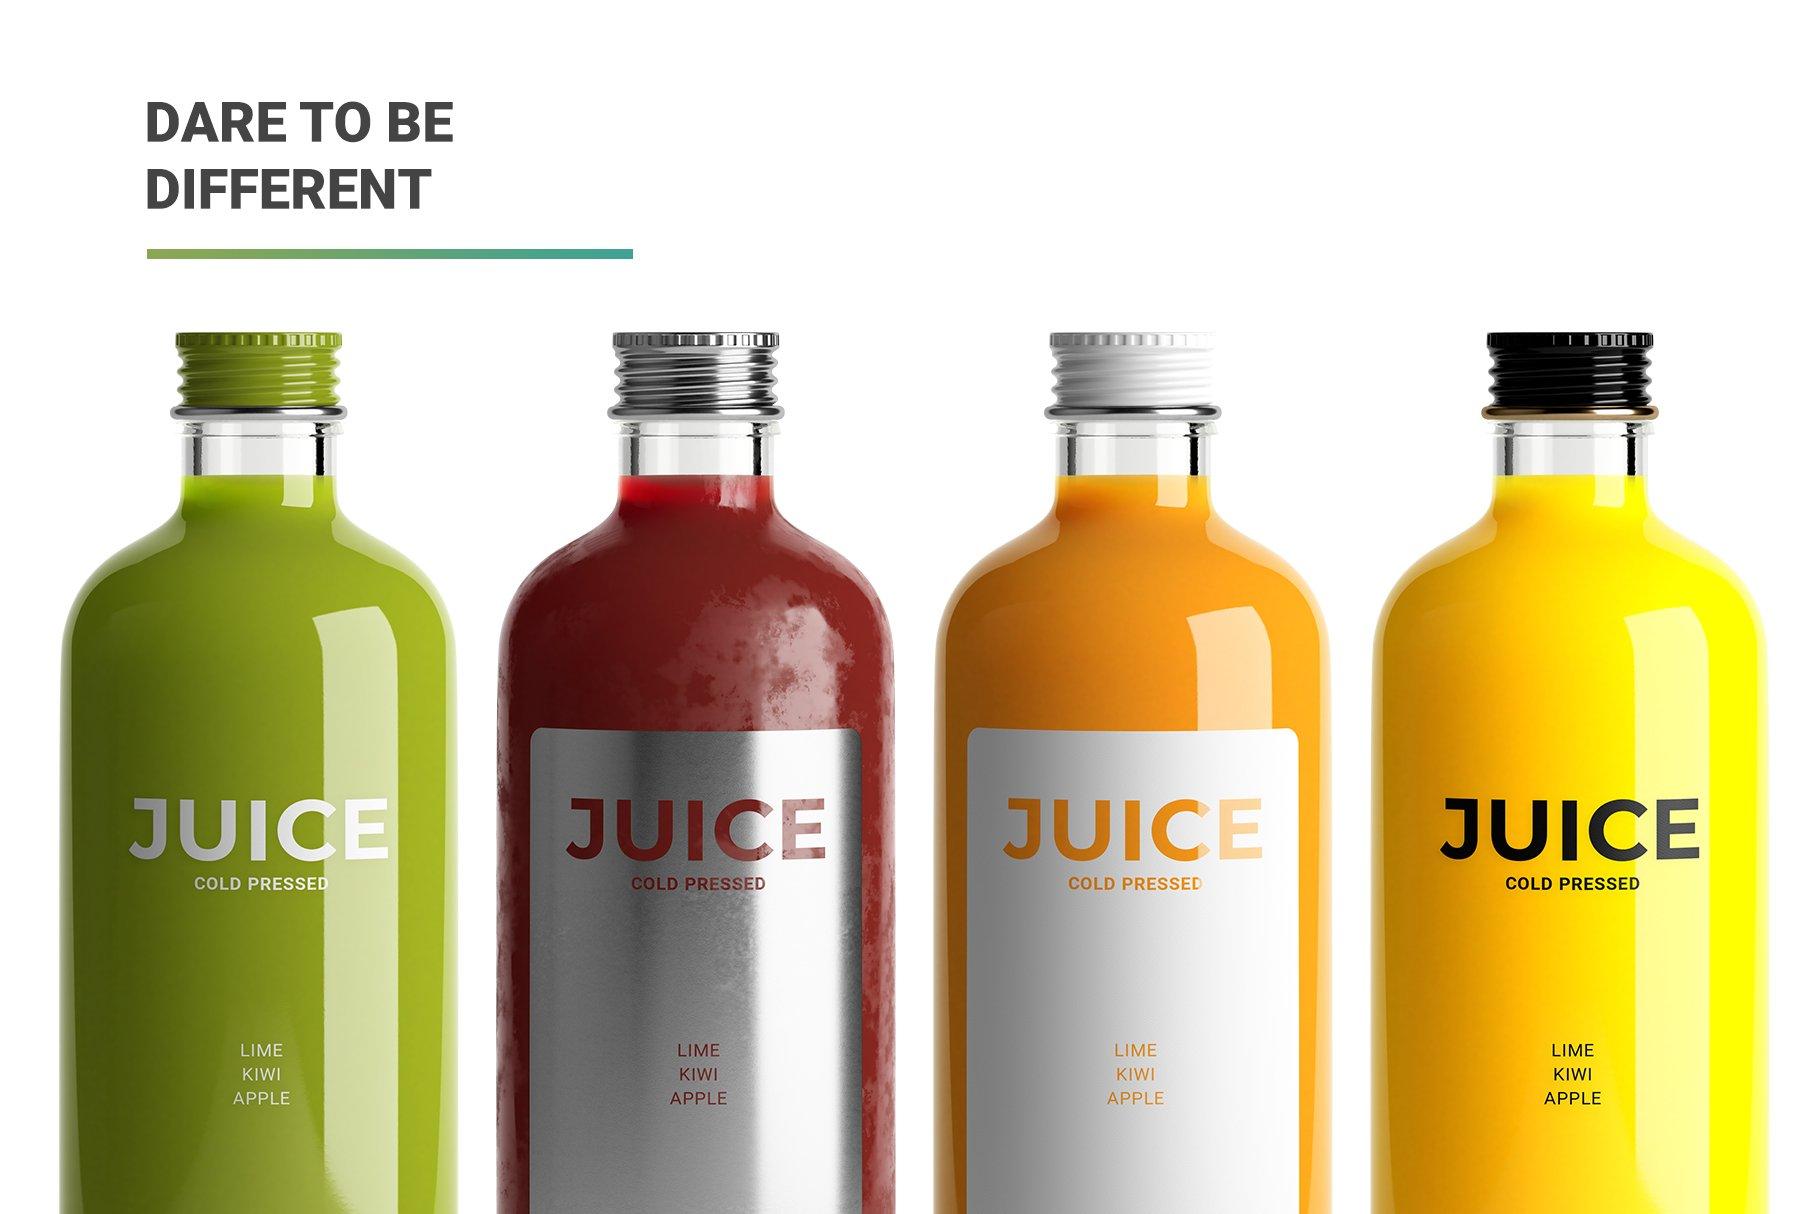 透明果汁玻璃瓶设计展示样机 Juice Bottle Mockup插图(10)